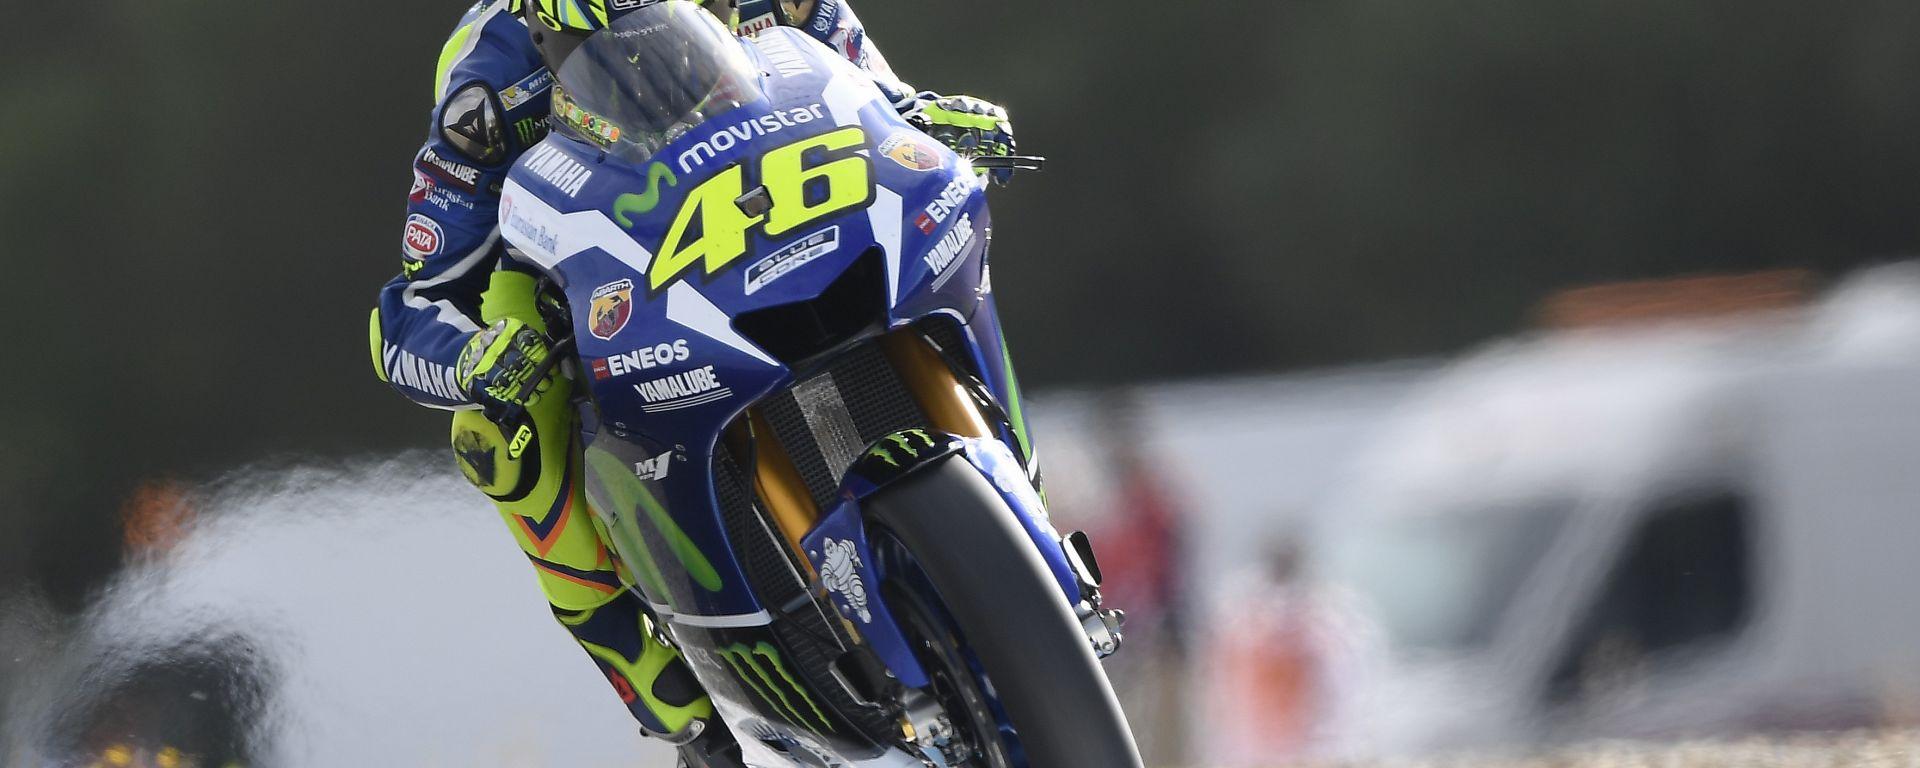 Motogp Jerez: Valentino Rossi conquista la pole, davanti a Jorge Lorenzo e Marc Marquez